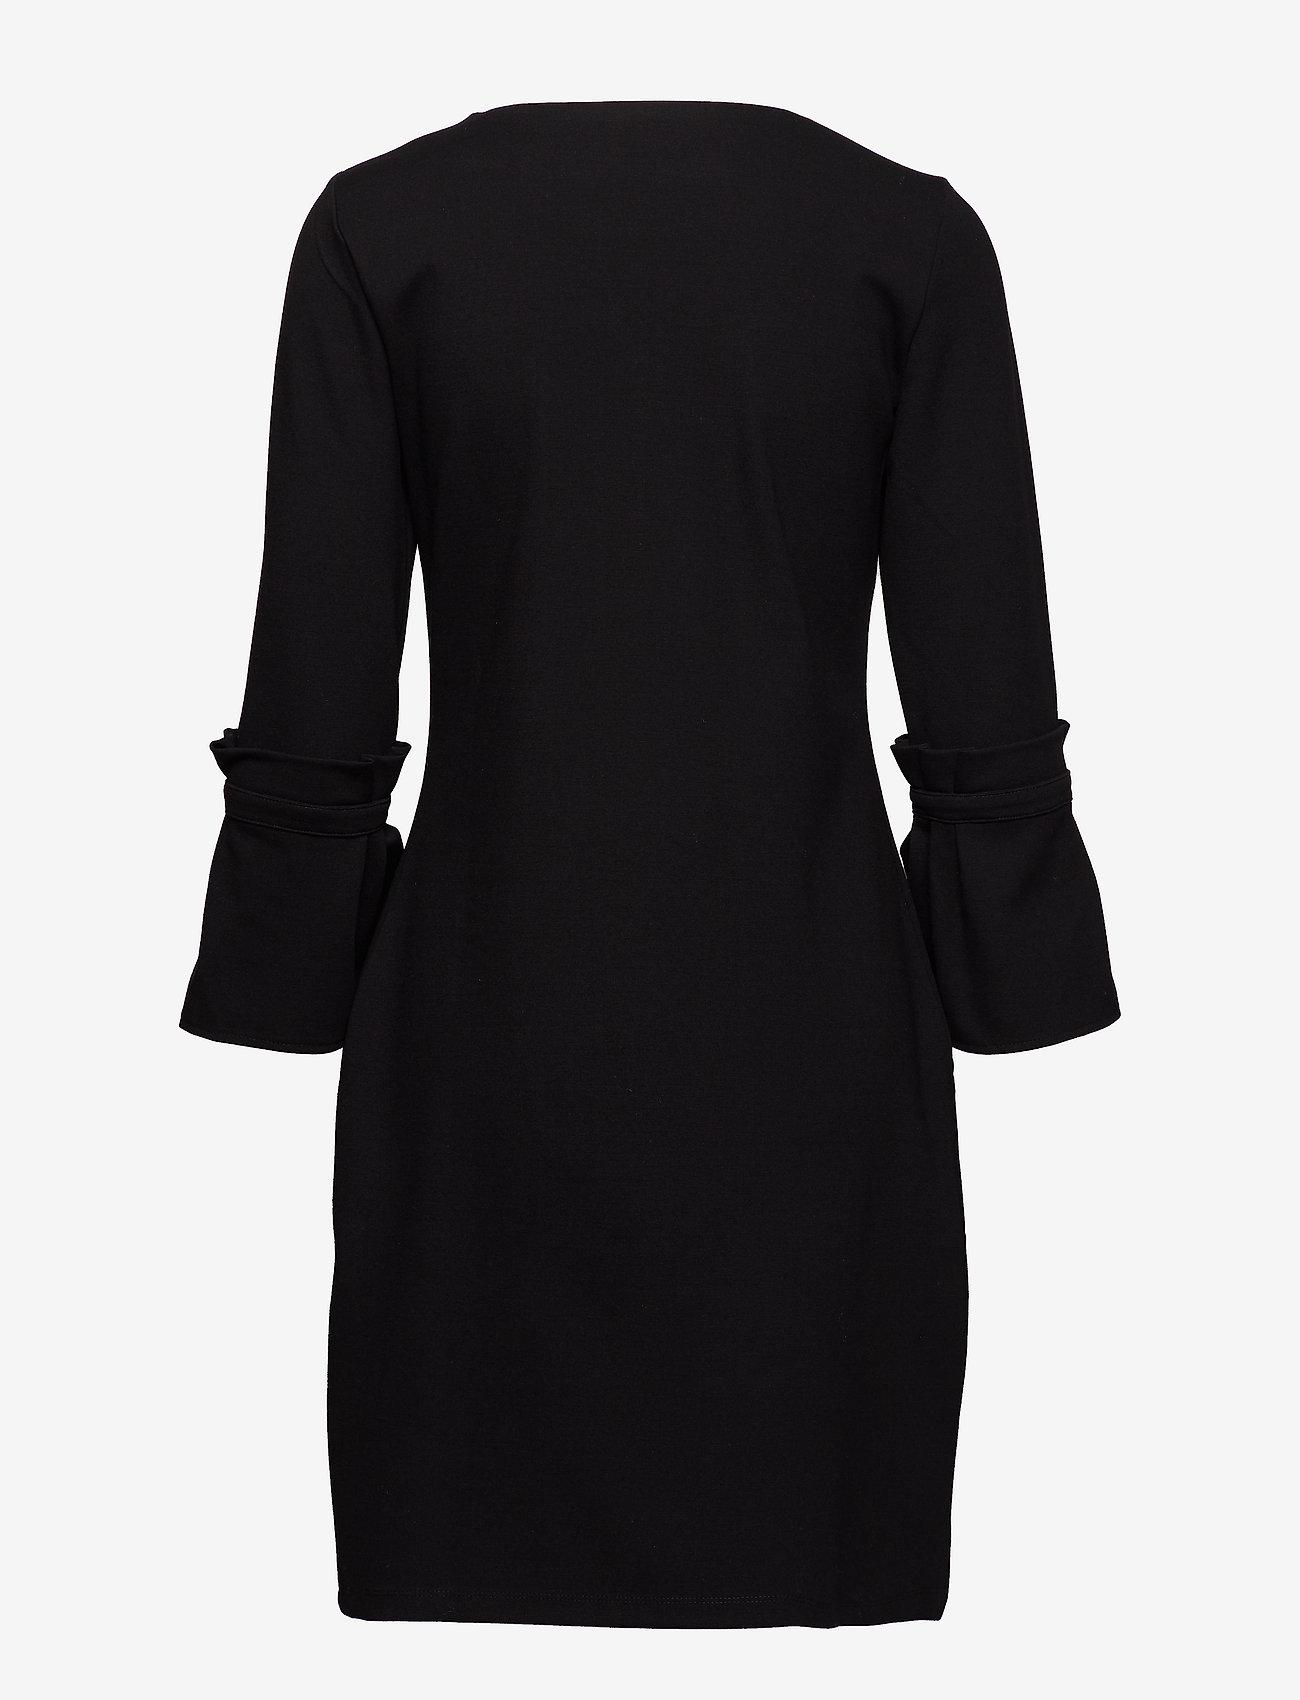 Taifun DRESS KNITTED FABRIC - Kjoler BLACK - Dameklær Spesialtilbud